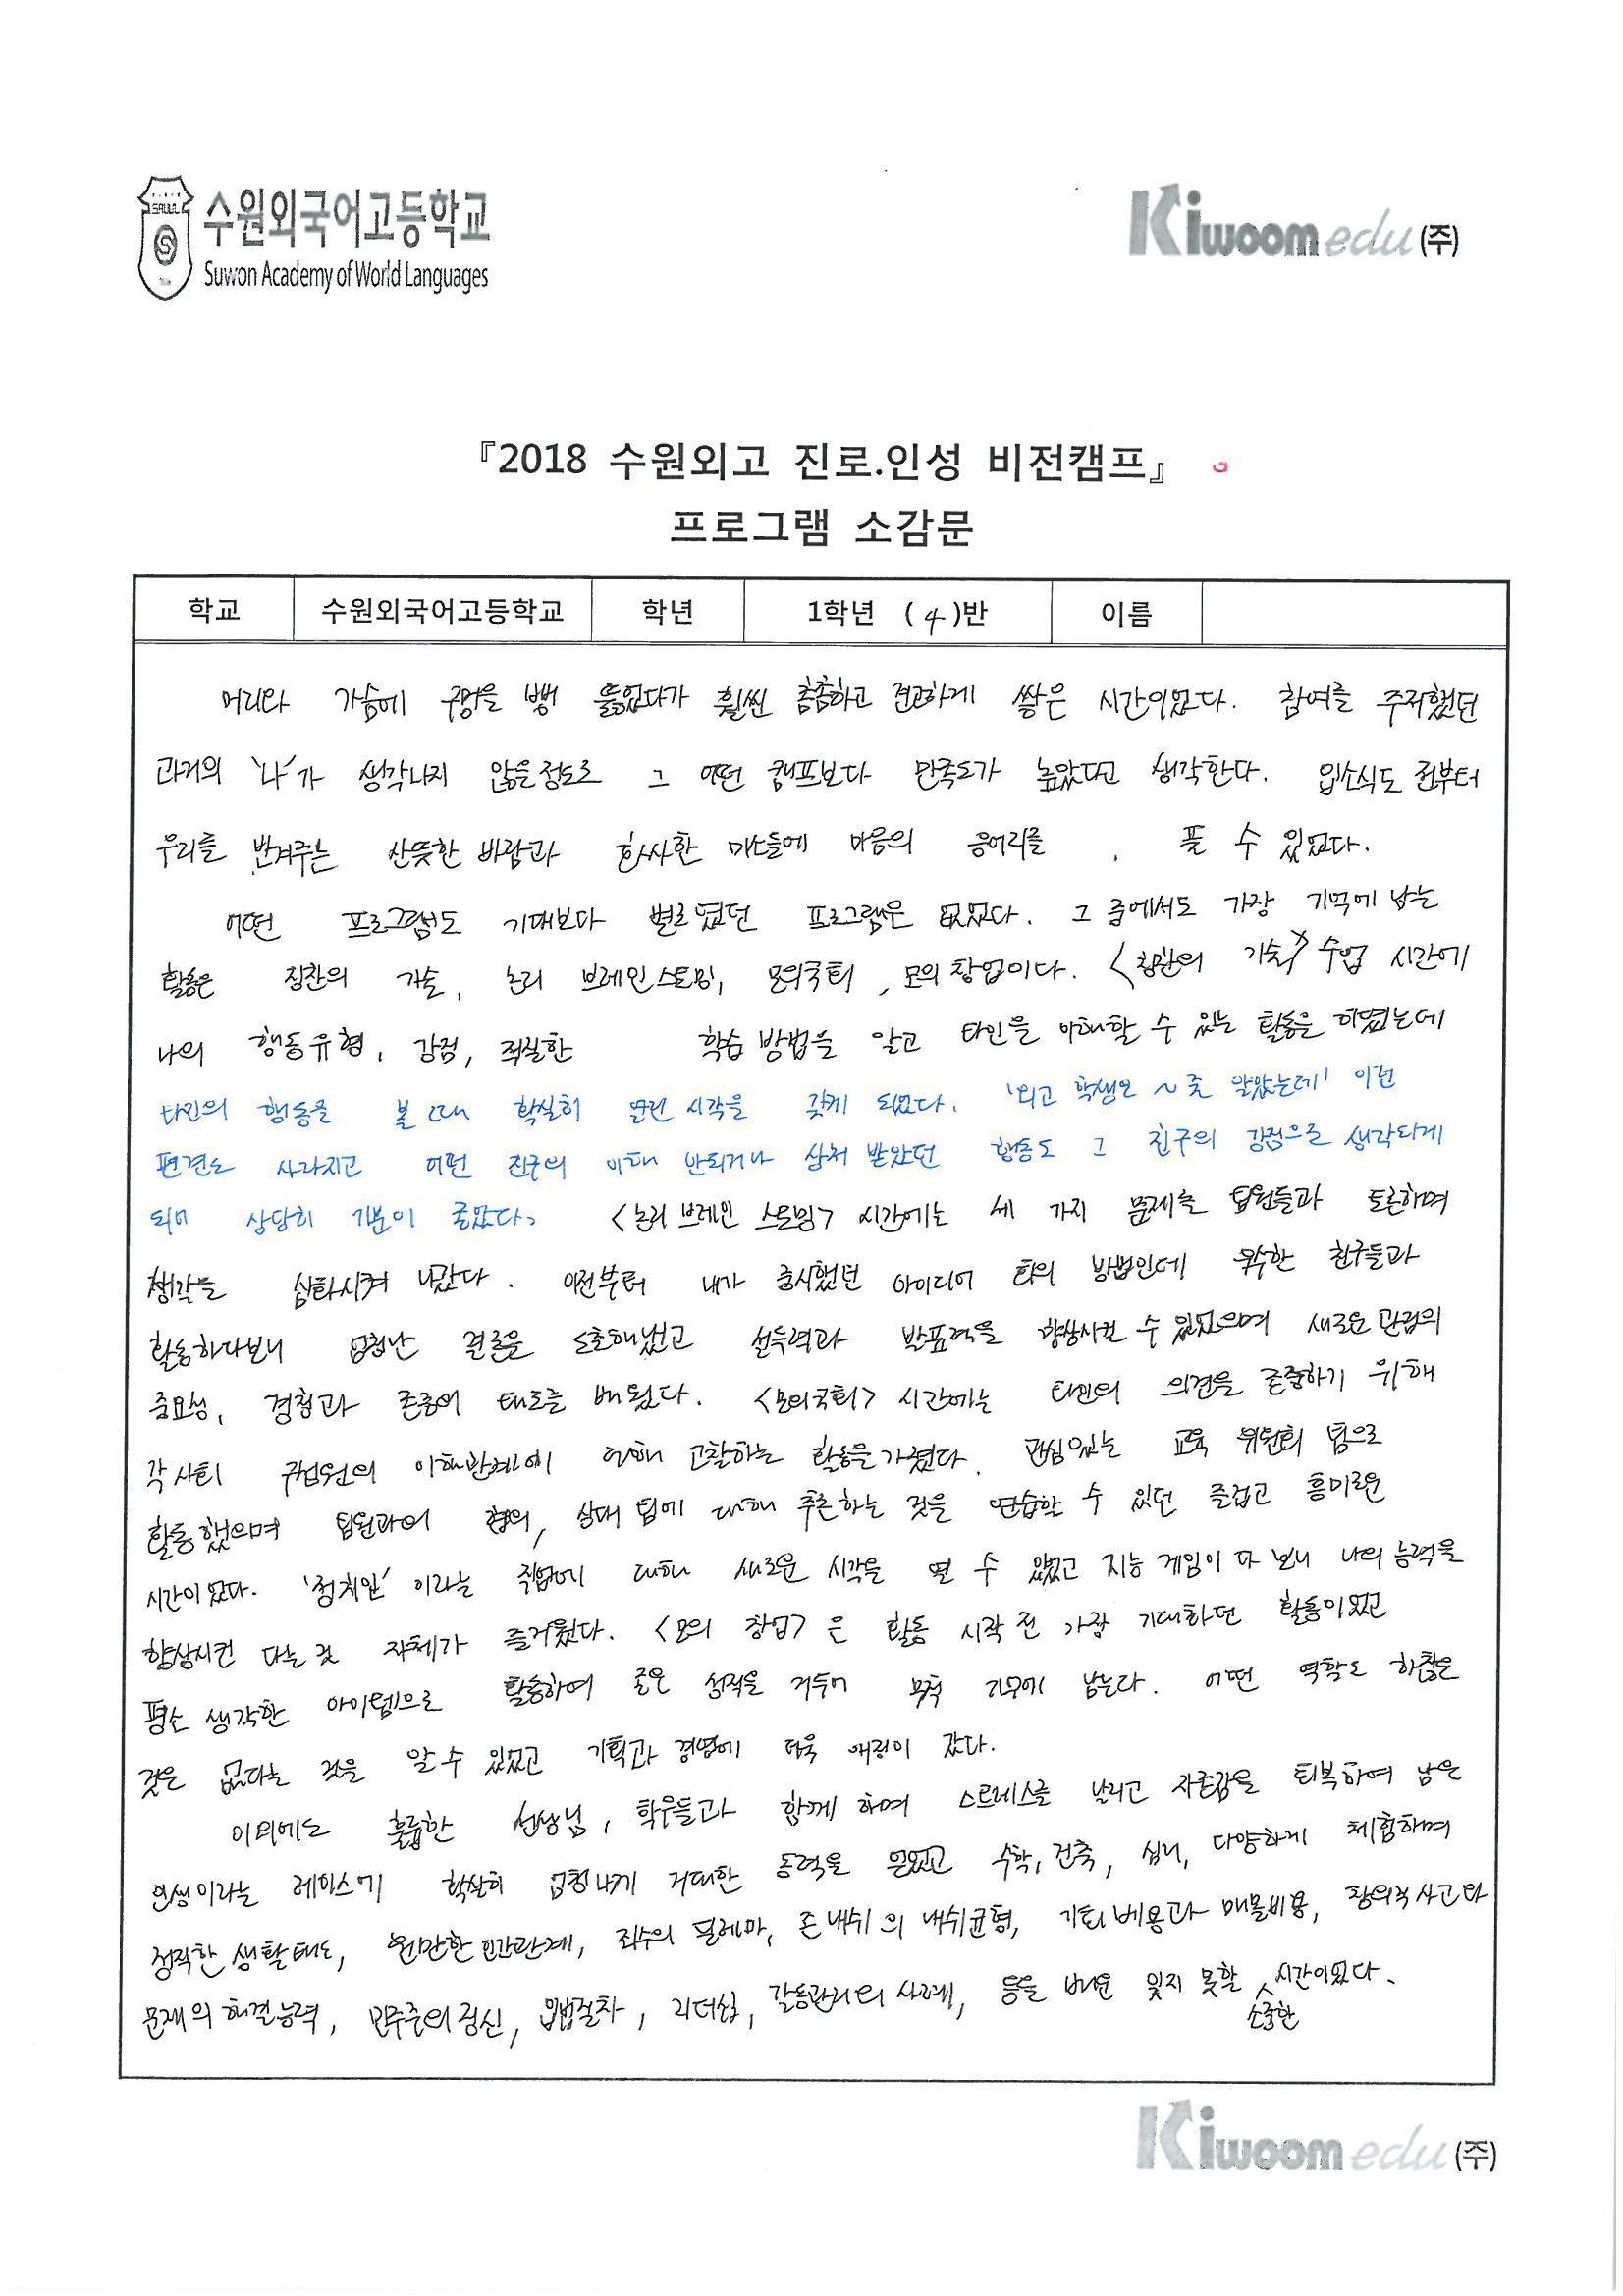 2018 수원외고 우수소감문_Page_10.jpg